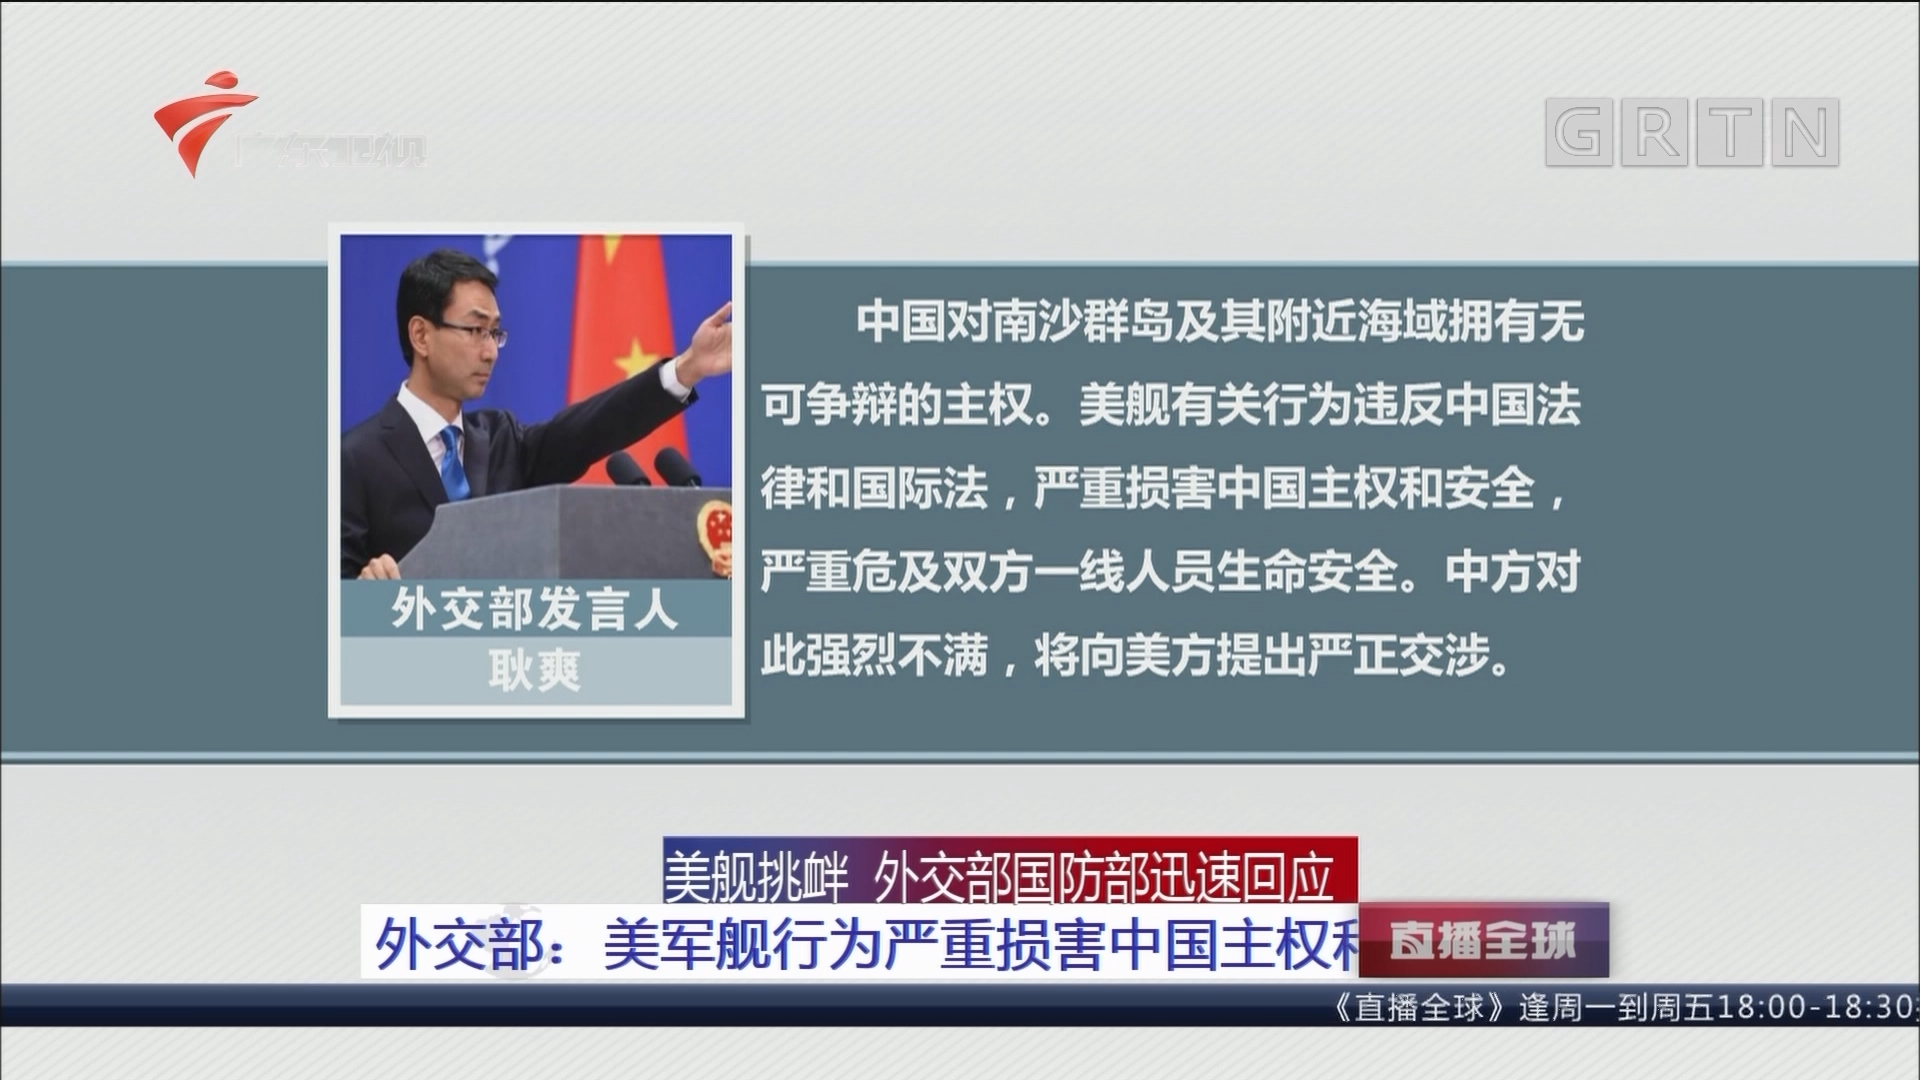 美舰挑衅 外交部国防部迅速回应 外交部:美军舰行为严重损害中国主权利